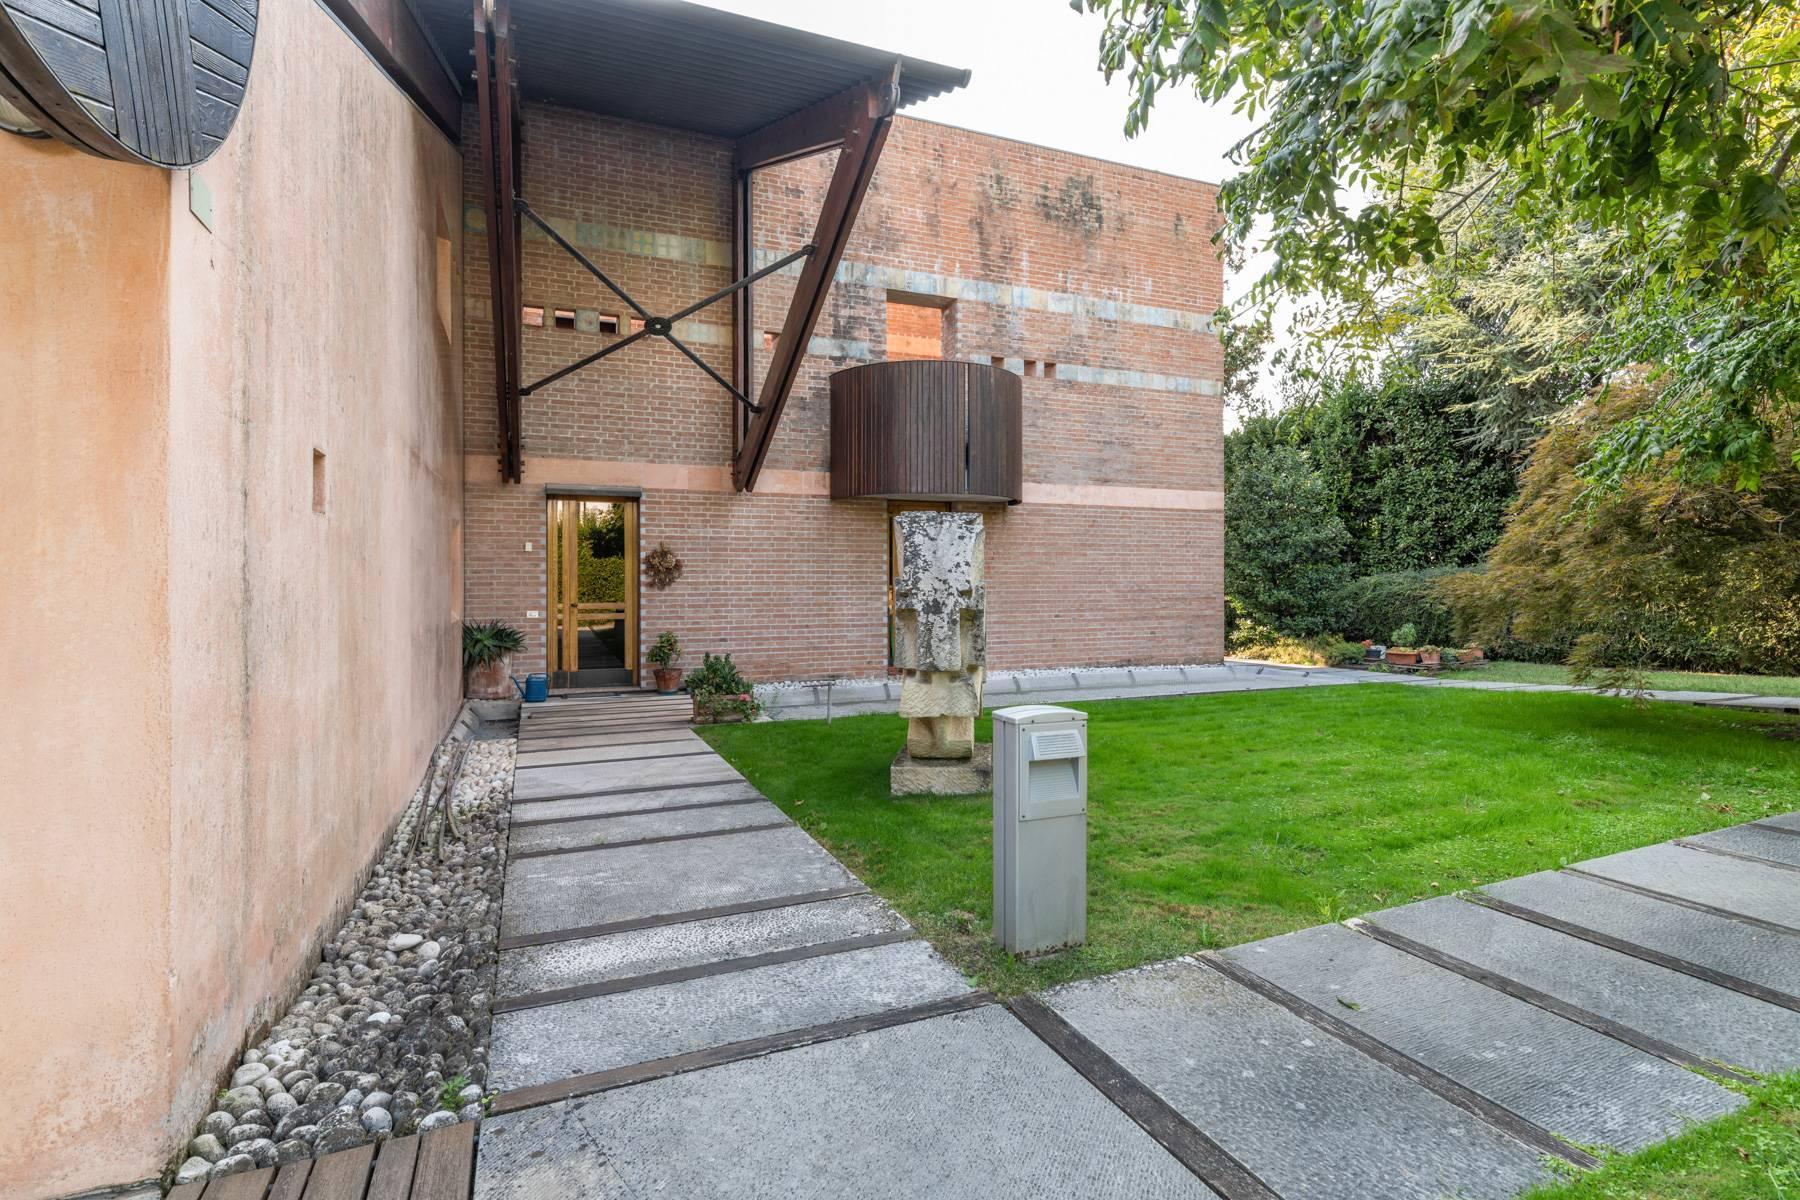 Raffinata Villa d'autore con giardino ed opere d'arte nel centro della città - 28